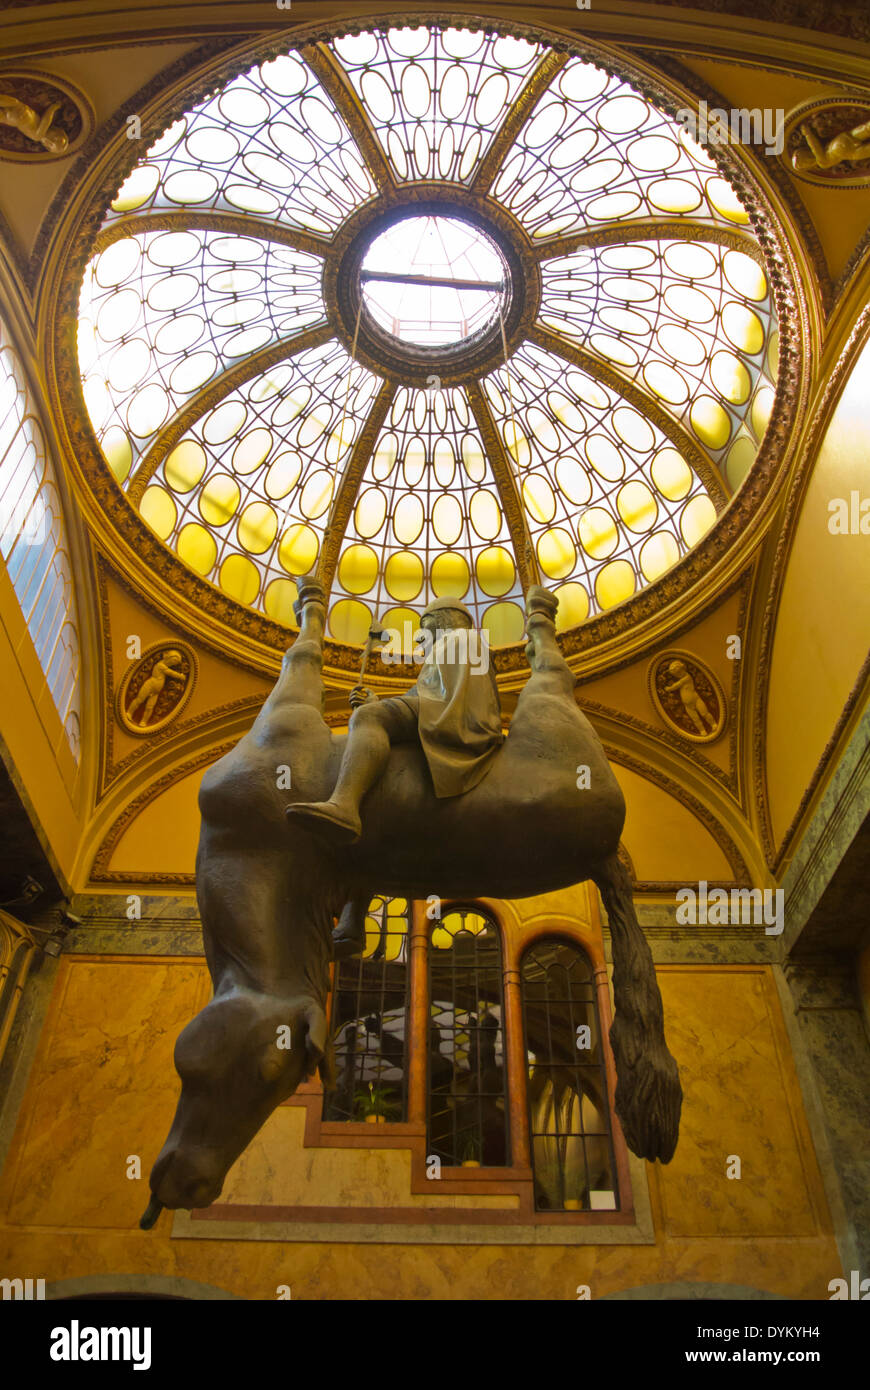 Horse statue by David Cerny, Palac Lucerna arcade, central Prague, Czech Republic, Europe - Stock Image